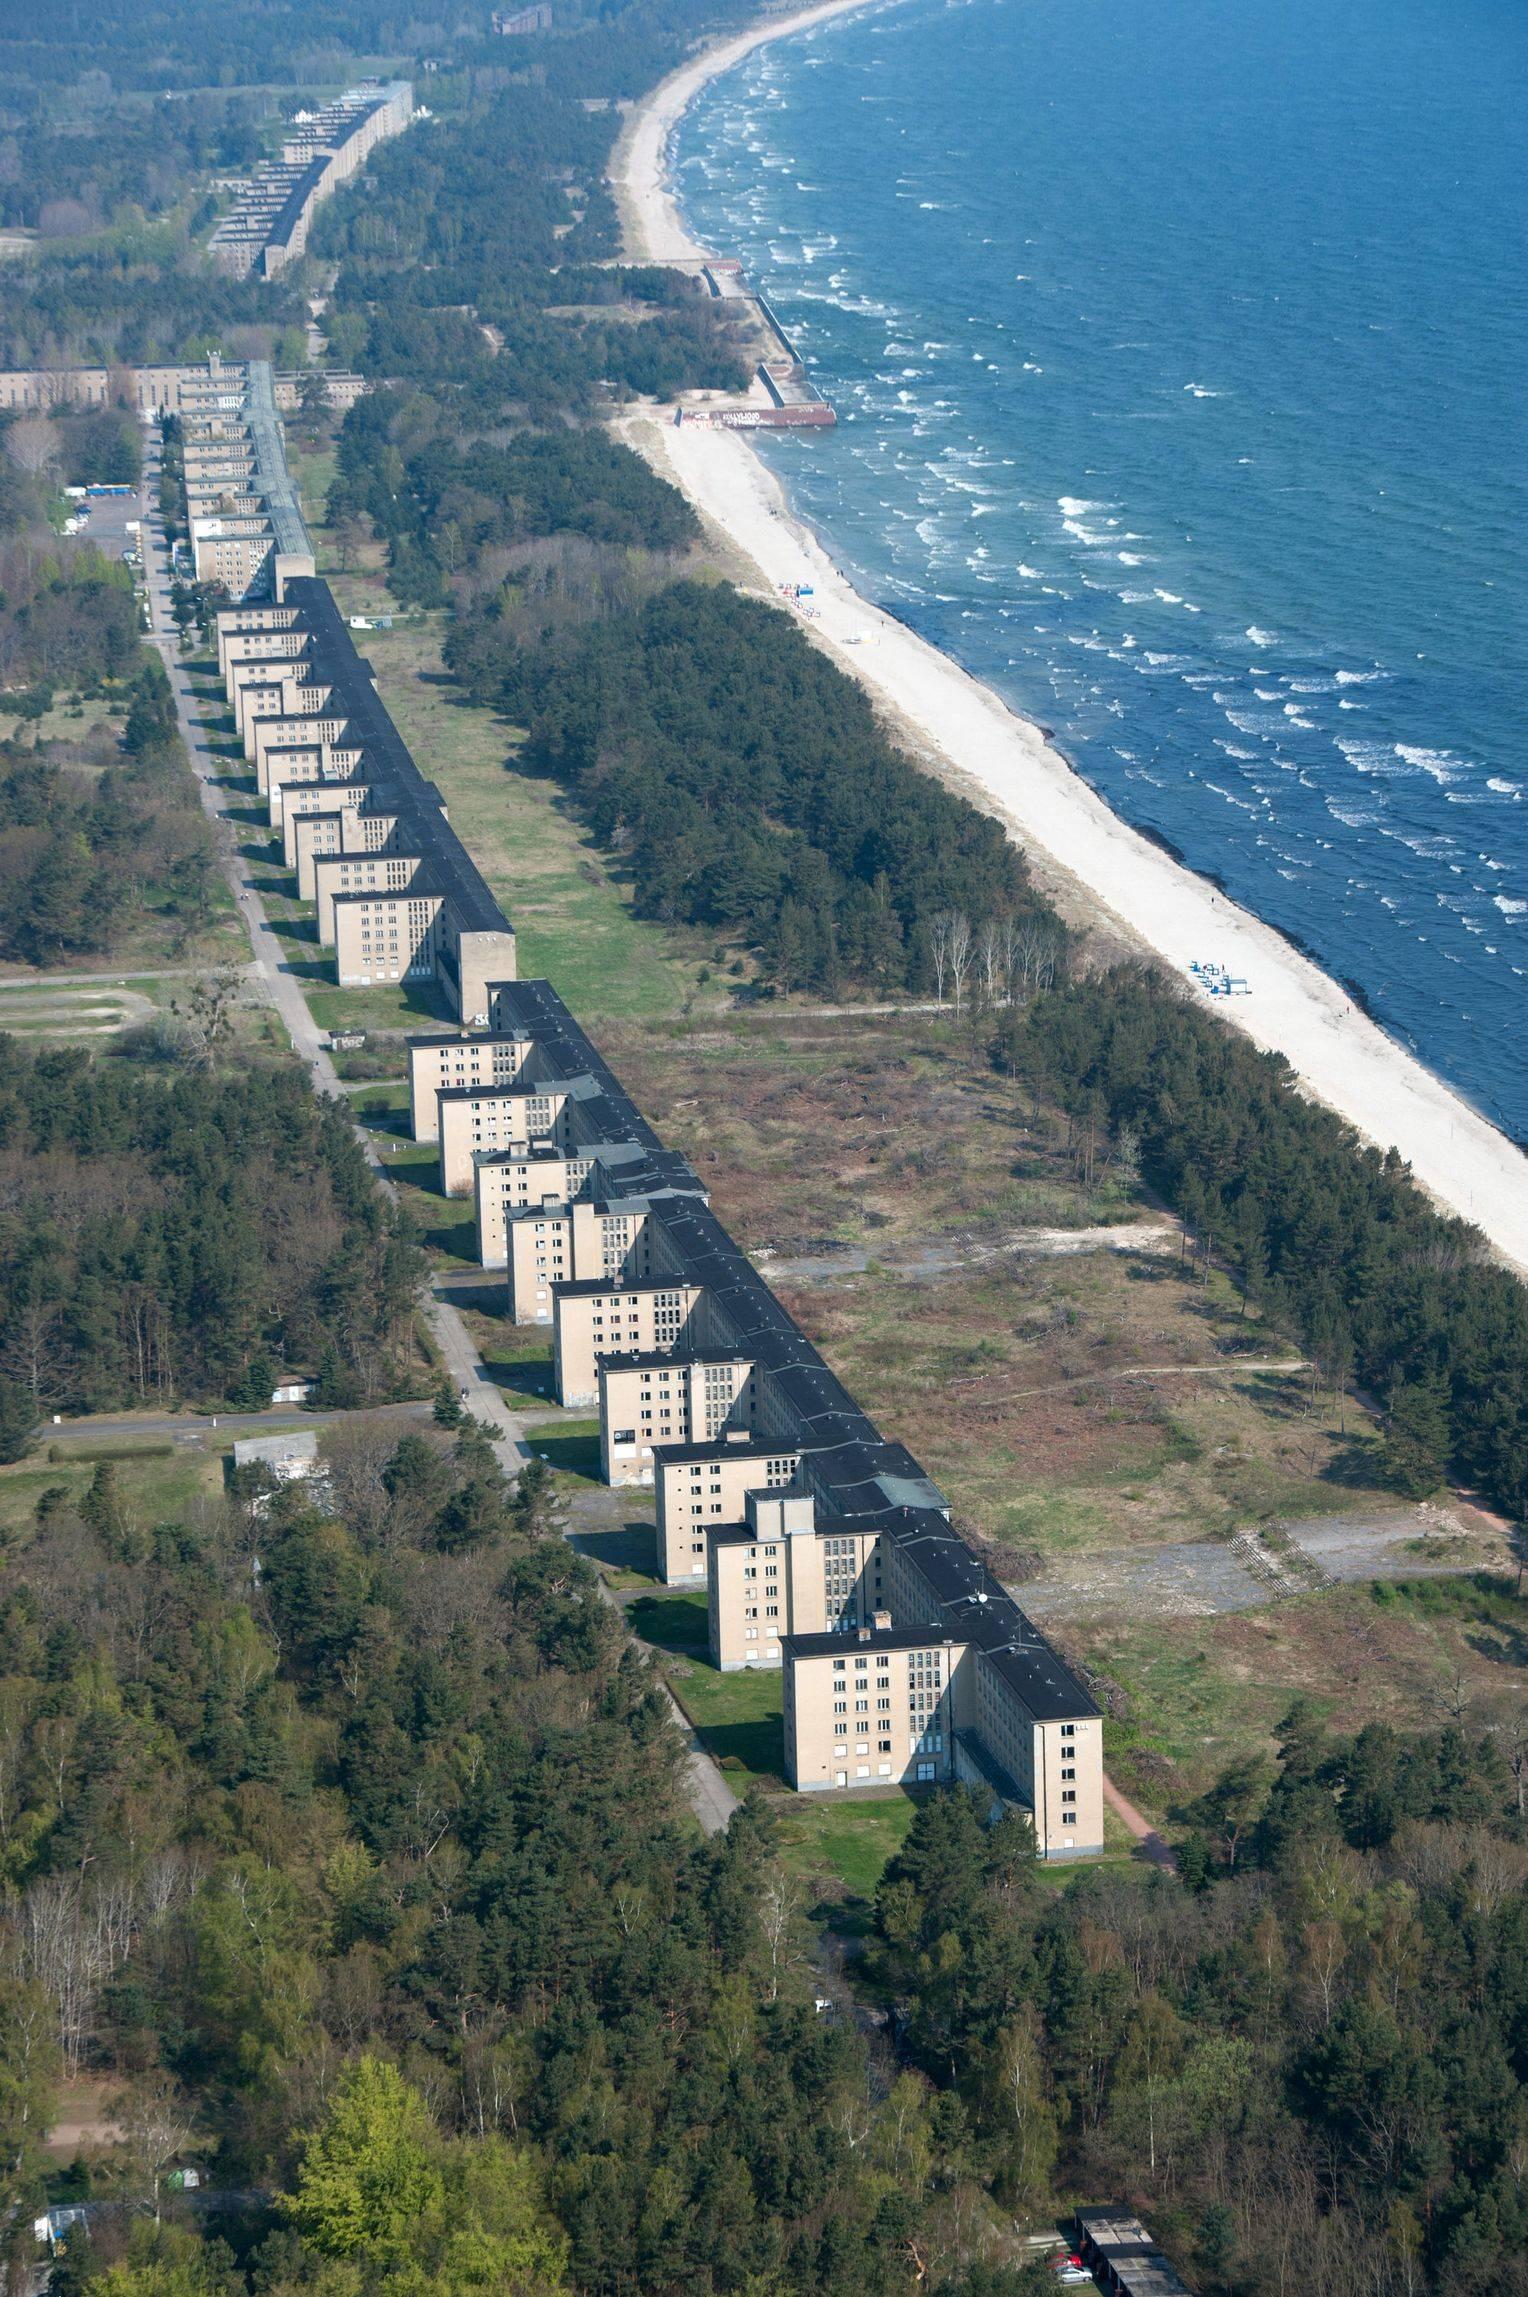 Отдых на острове рюген в германии: как добраться и где отдохнуть